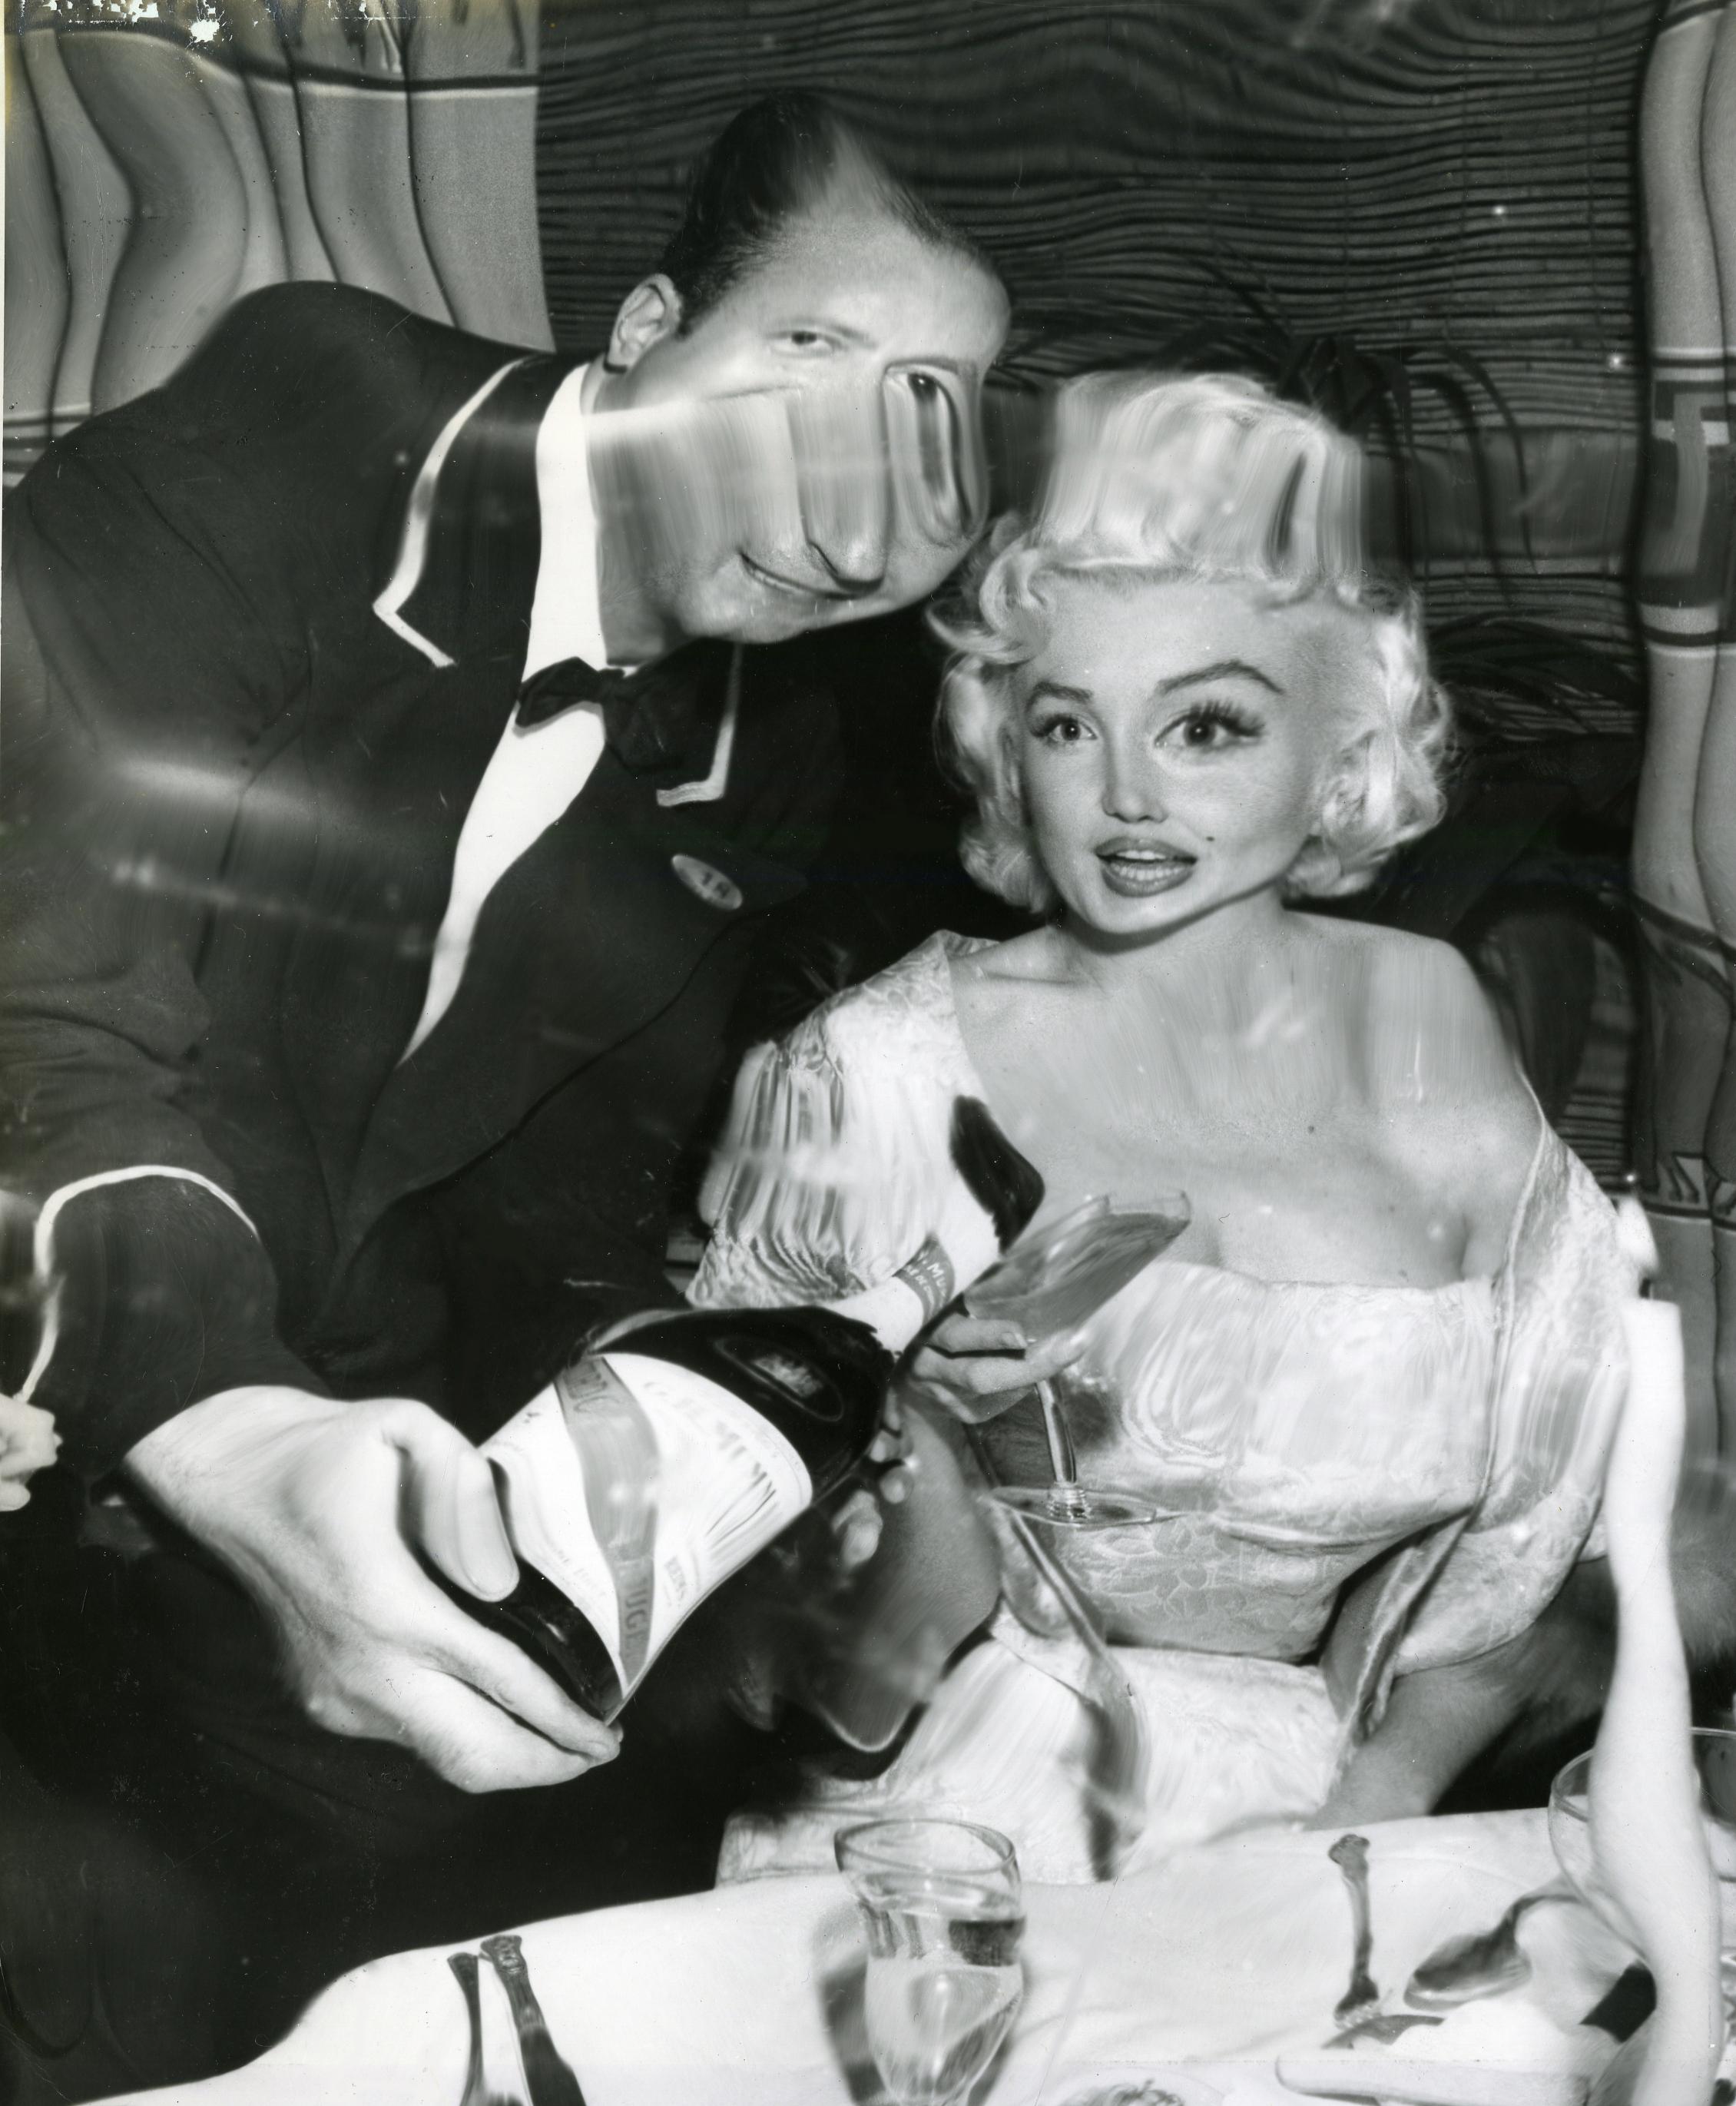 Weegee: Marilyn Monroe in Restaurant Distortions